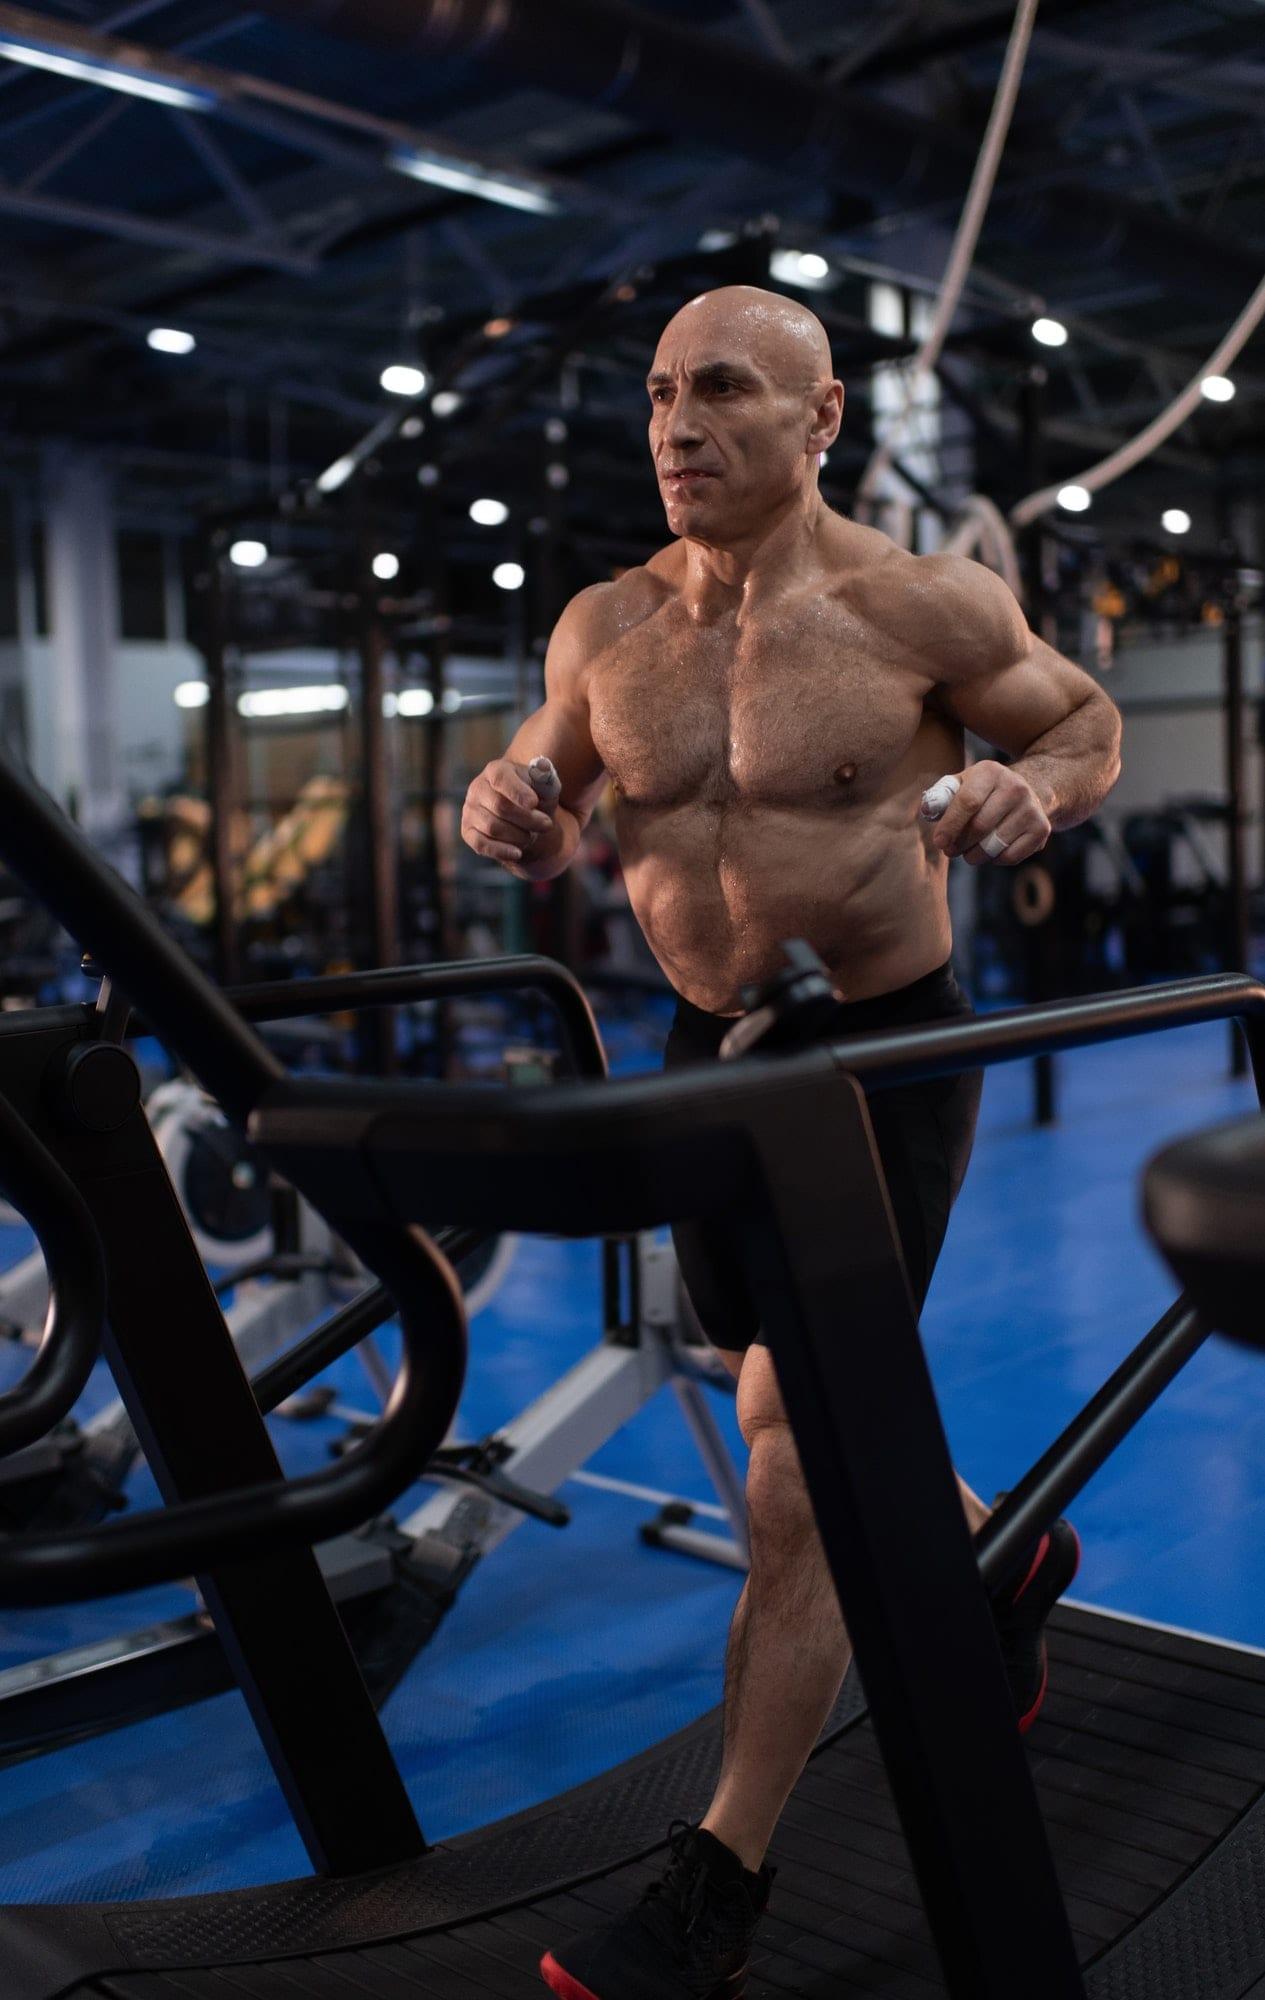 Sweaty old man running on modern treadmill